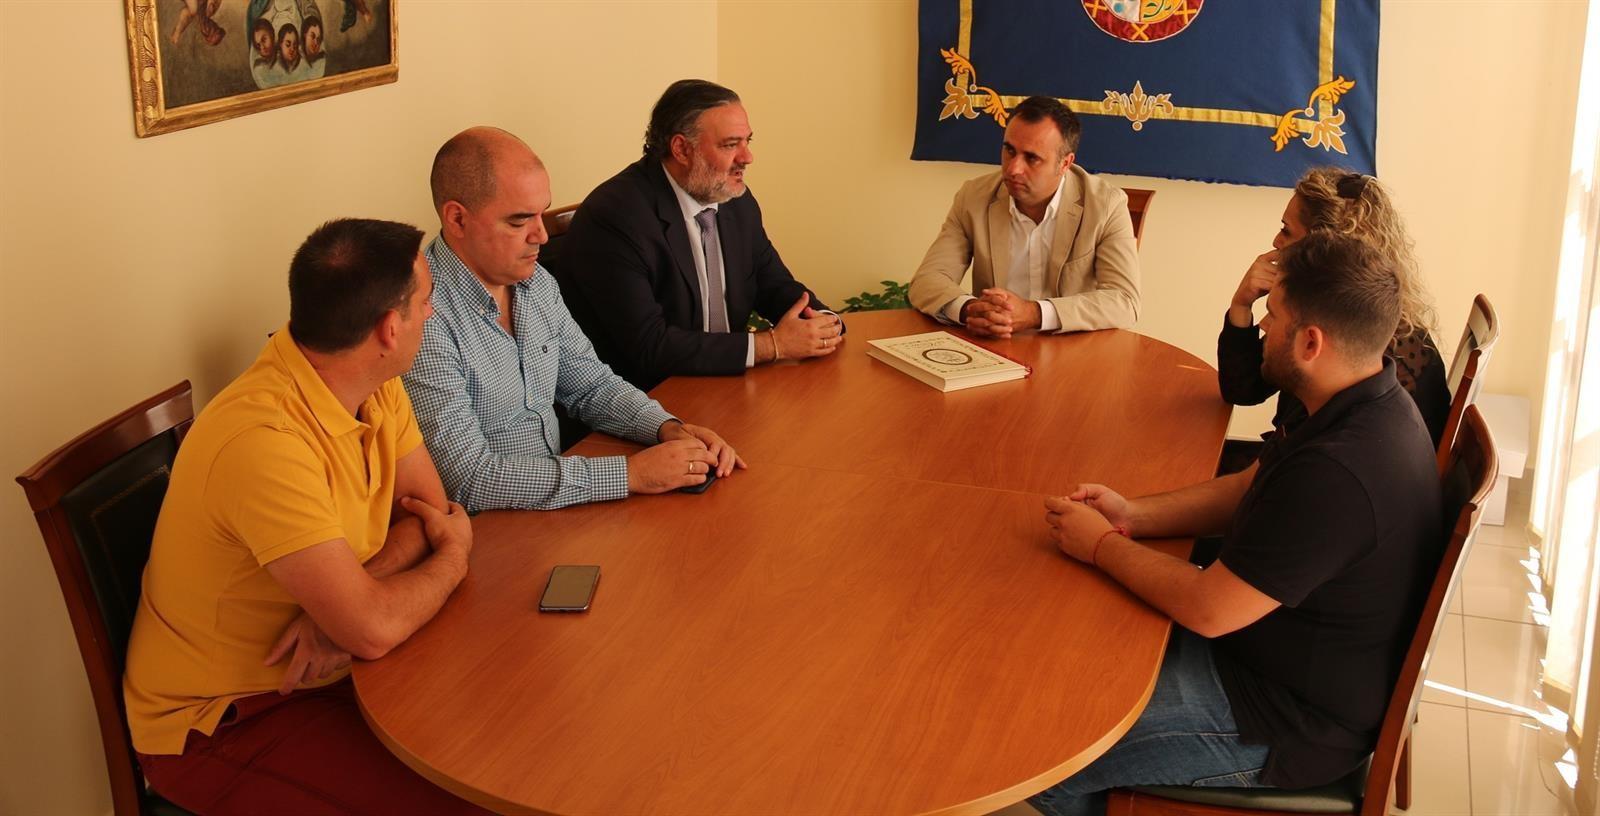 La Junta anuncia la próxima licitación de las obras para el nuevo colegio de Alhendín